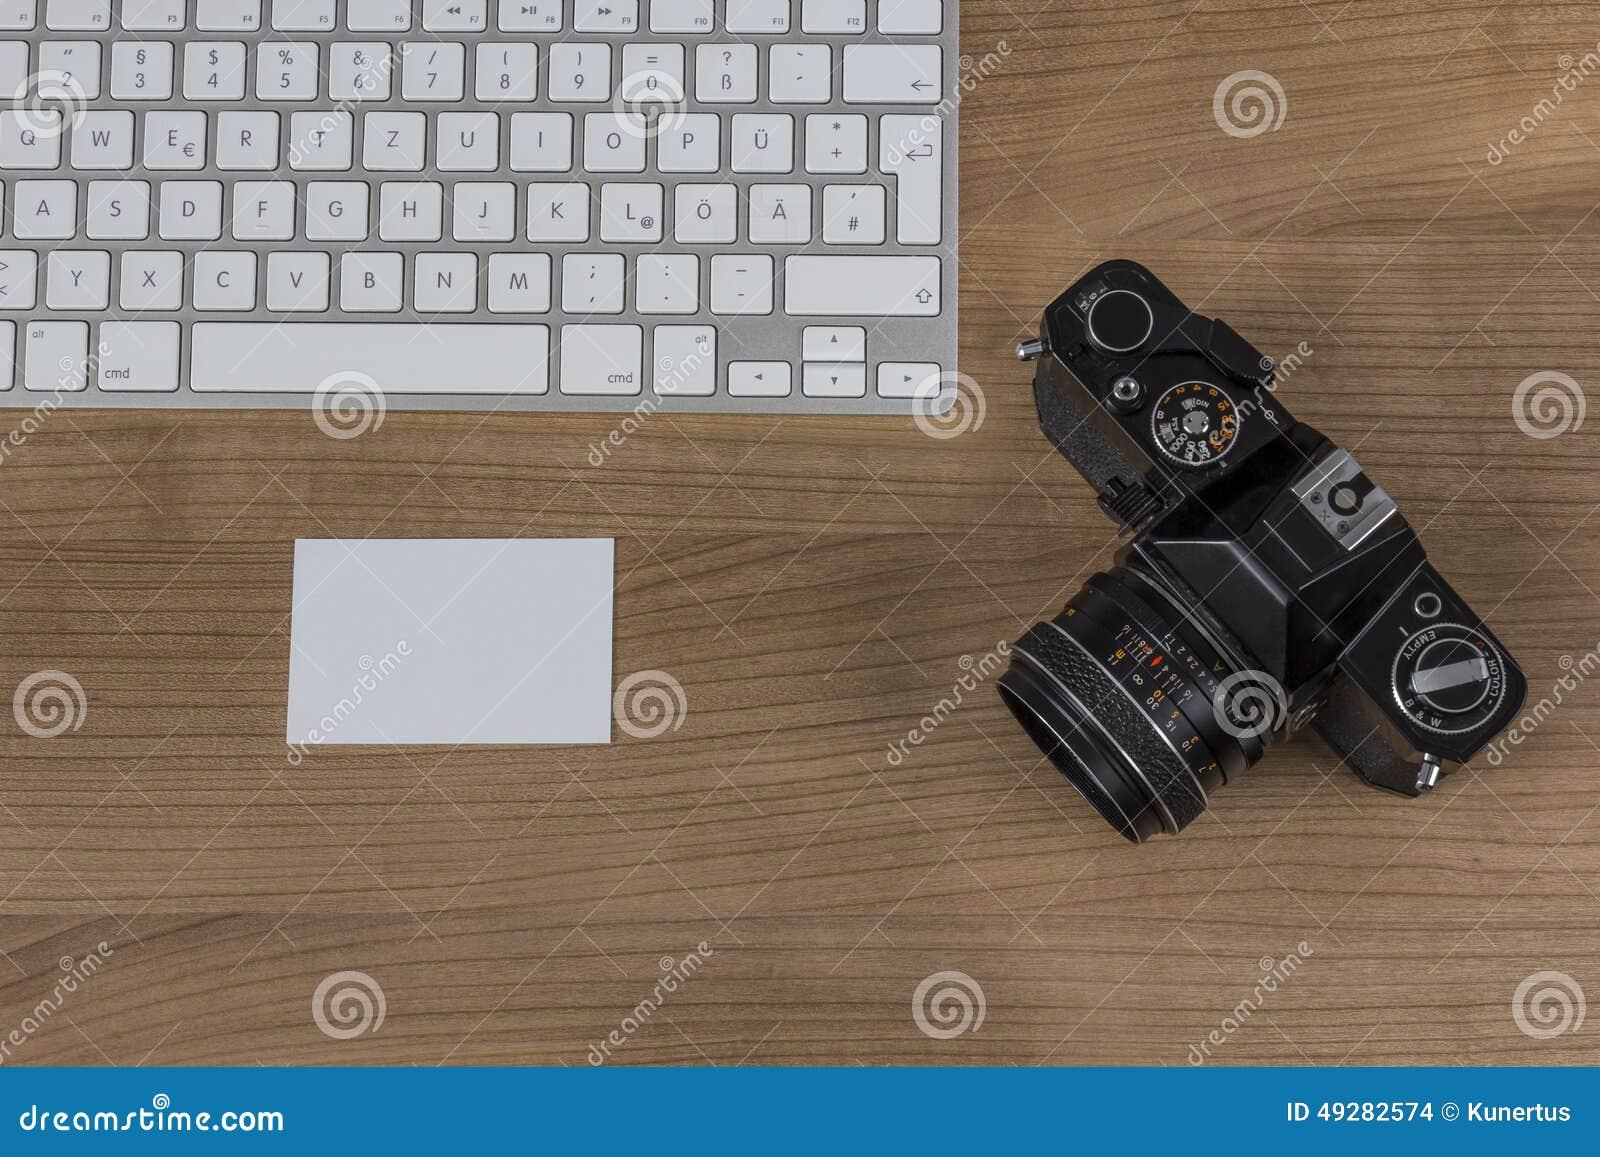 Clavier D Appareil Photo Et Carte De Visite Professionnelle Sur Un Bureau